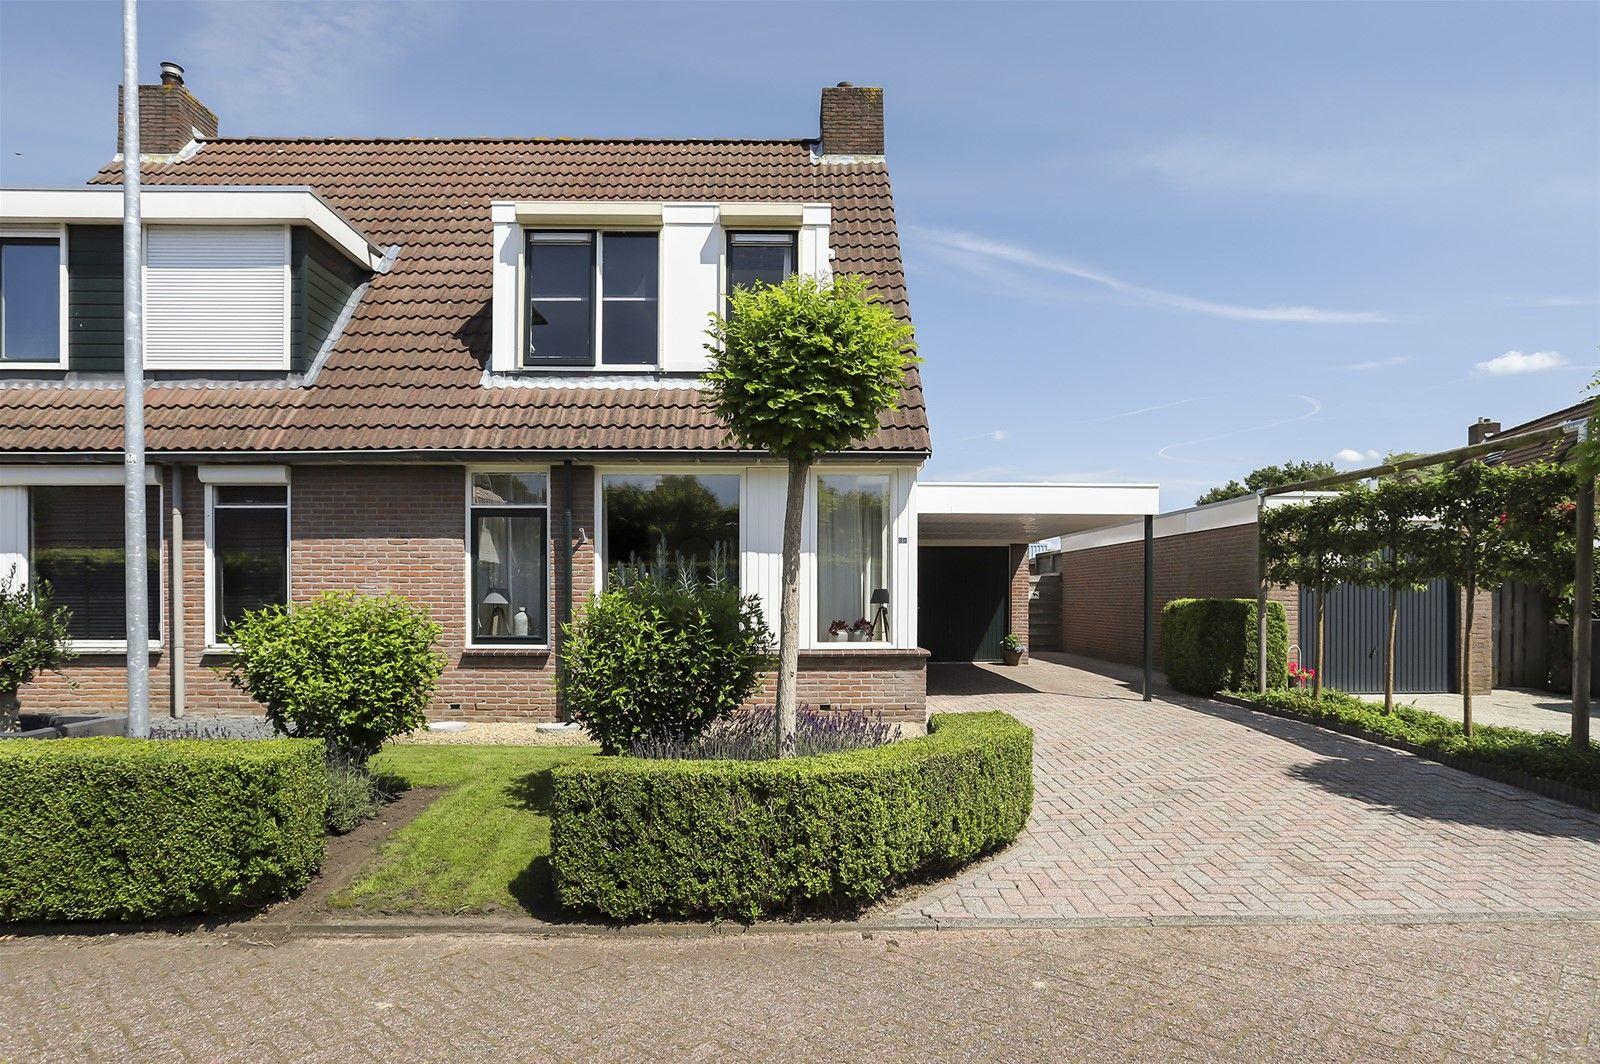 't Rak 30, Schoonebeek